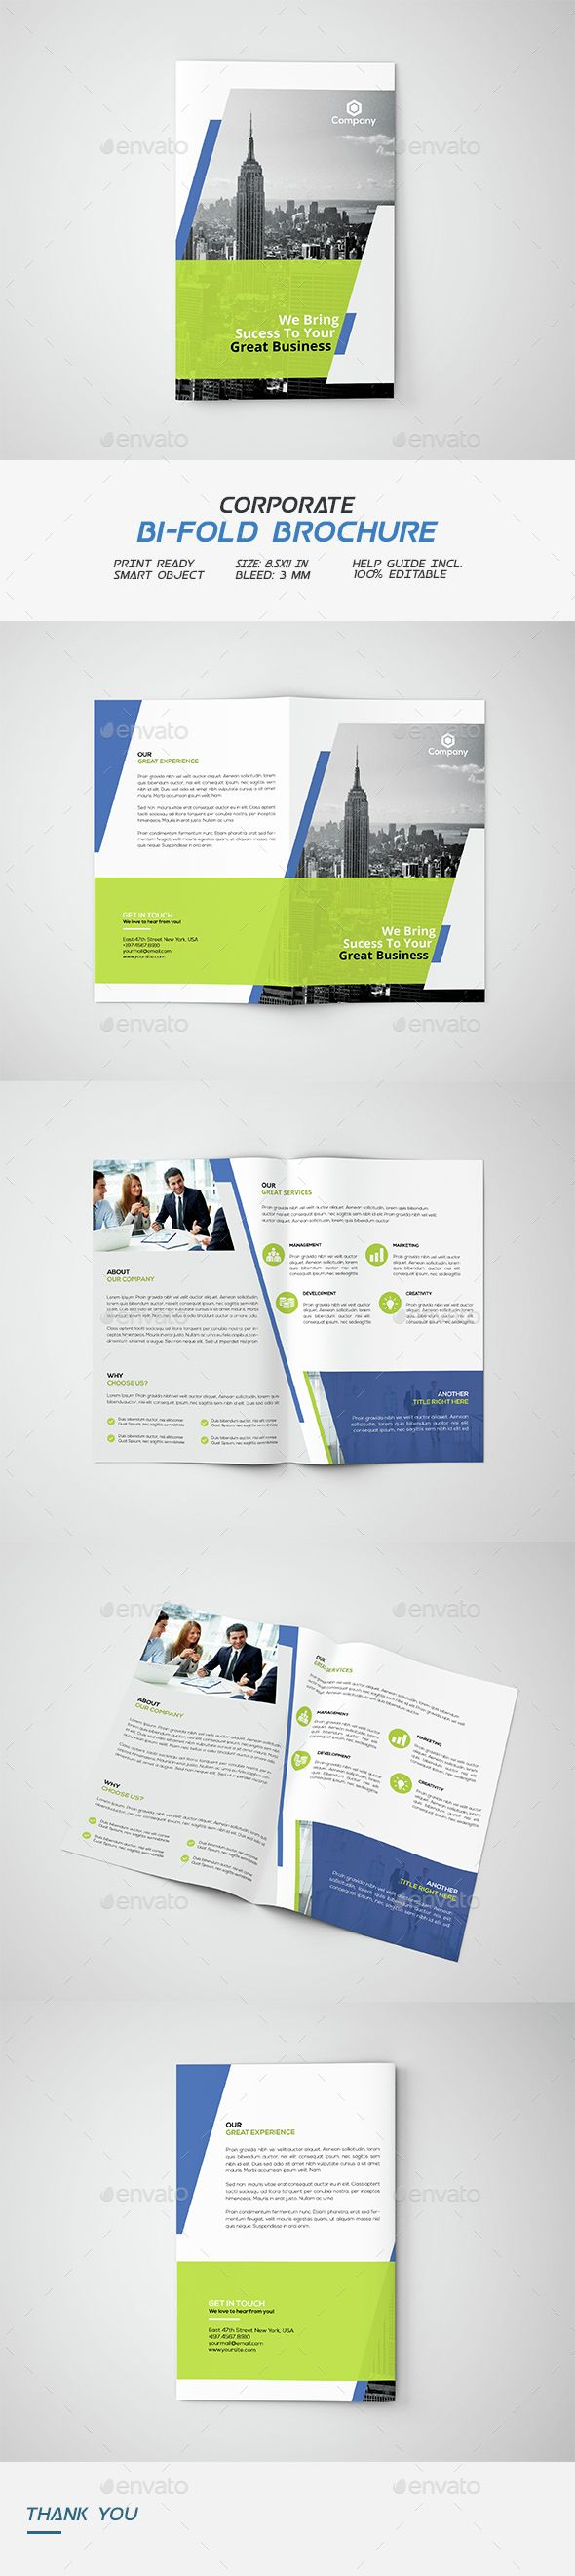 2 fold brochure template photoshop - corporate bi fold brochure brochures photoshop and business